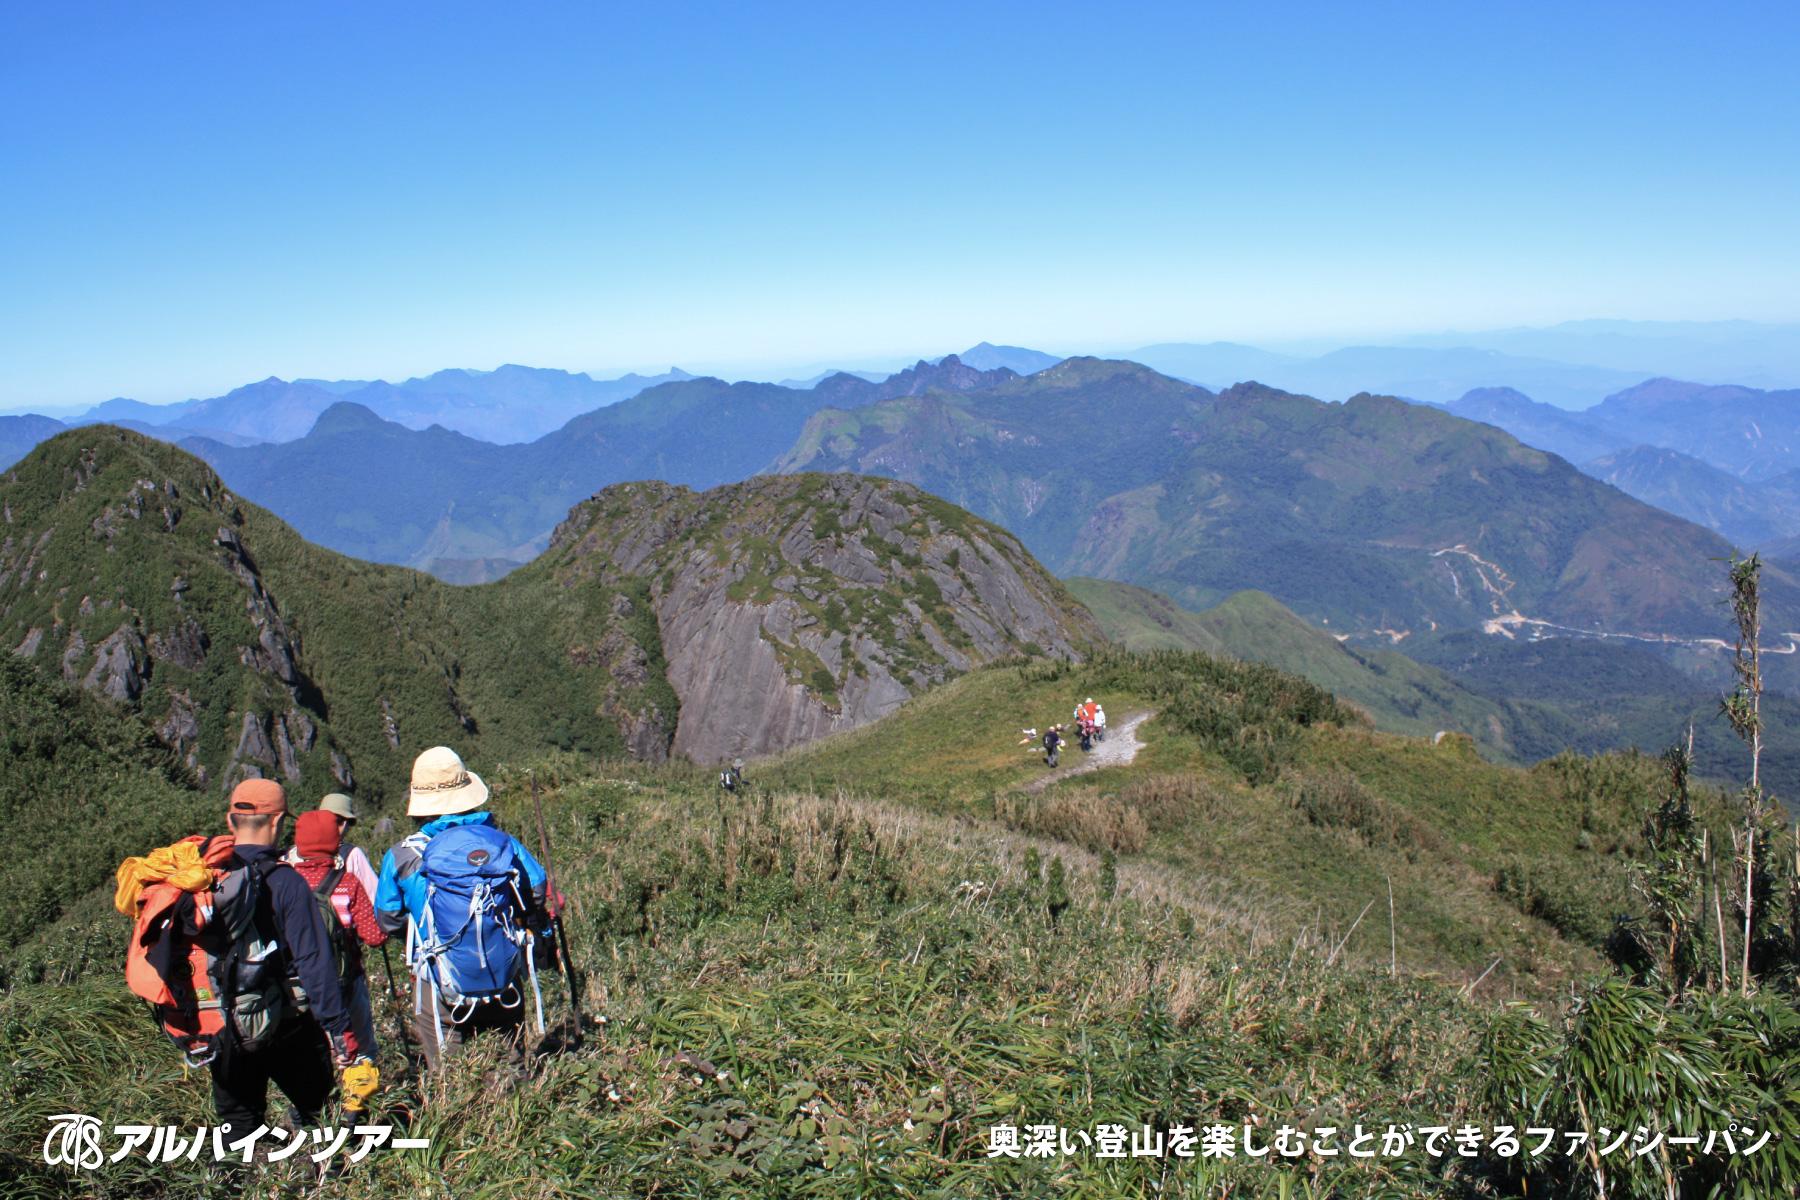 【エリア紹介】 ベトナム最高峰・ファンシーパン